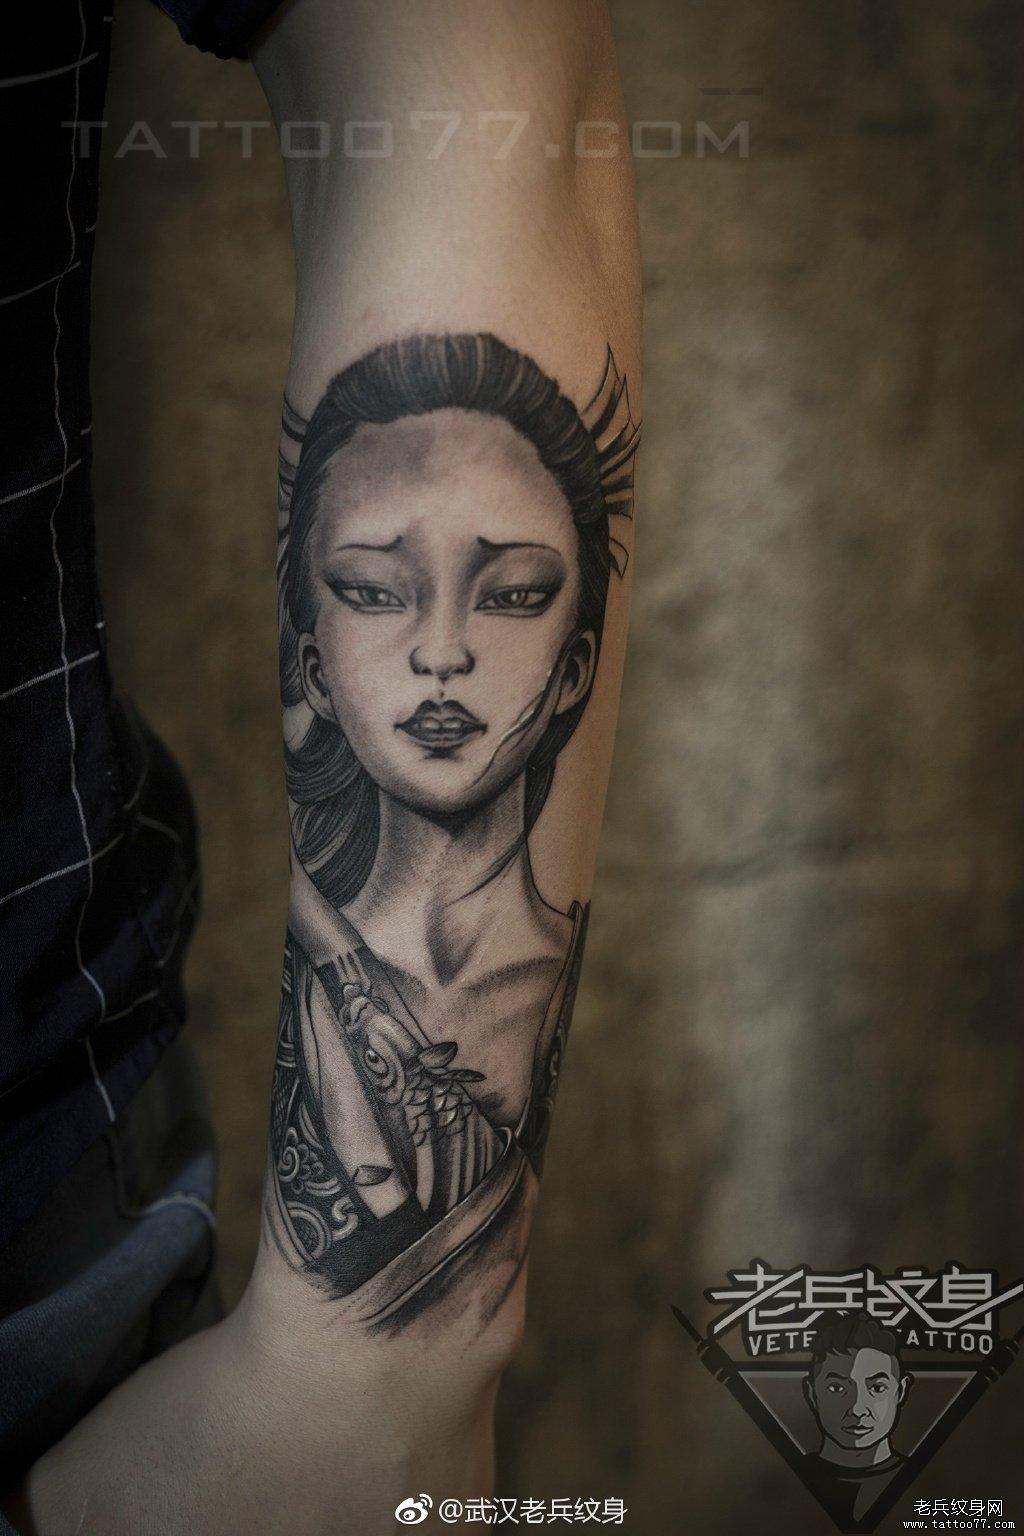 纹身图案大全          0 喜欢         浏览           半臂黑灰艺妓